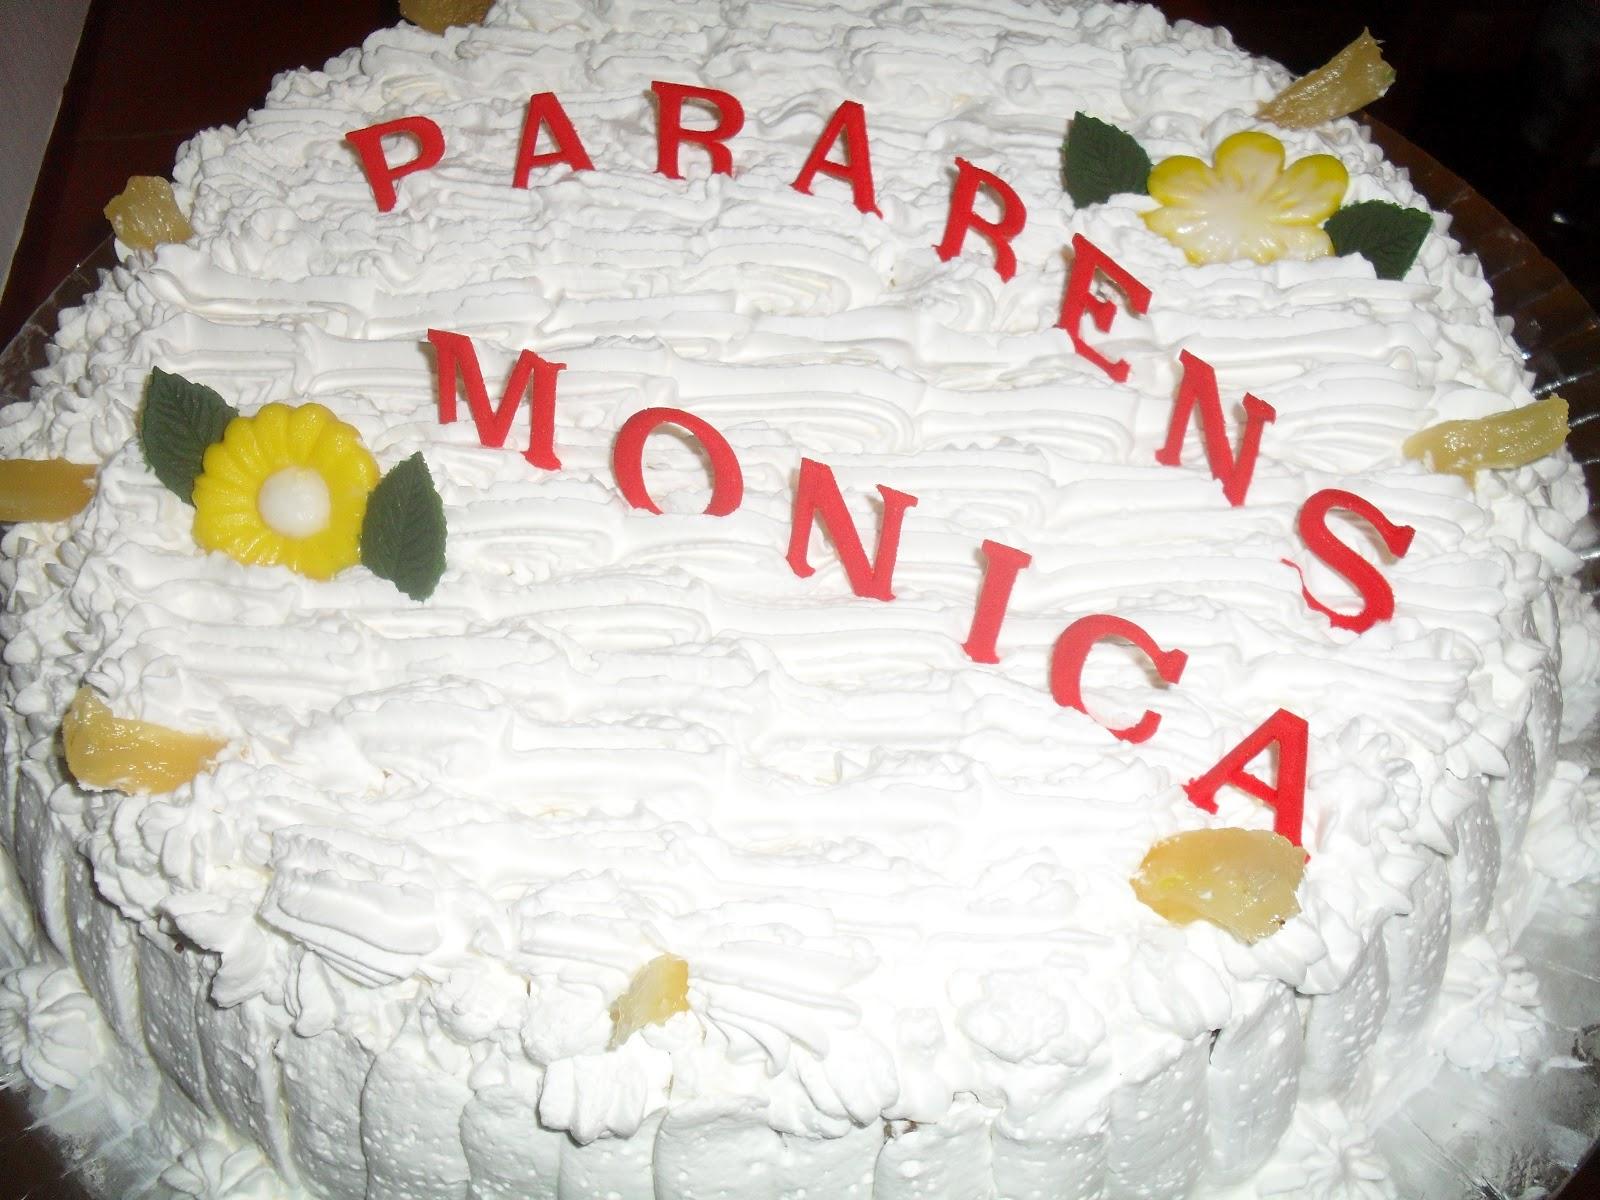 Mesa De Feliz Aniversario Bolo Para Sobrinha Imagens: Lê E Lá Doces Delícias: Parabéns Monica